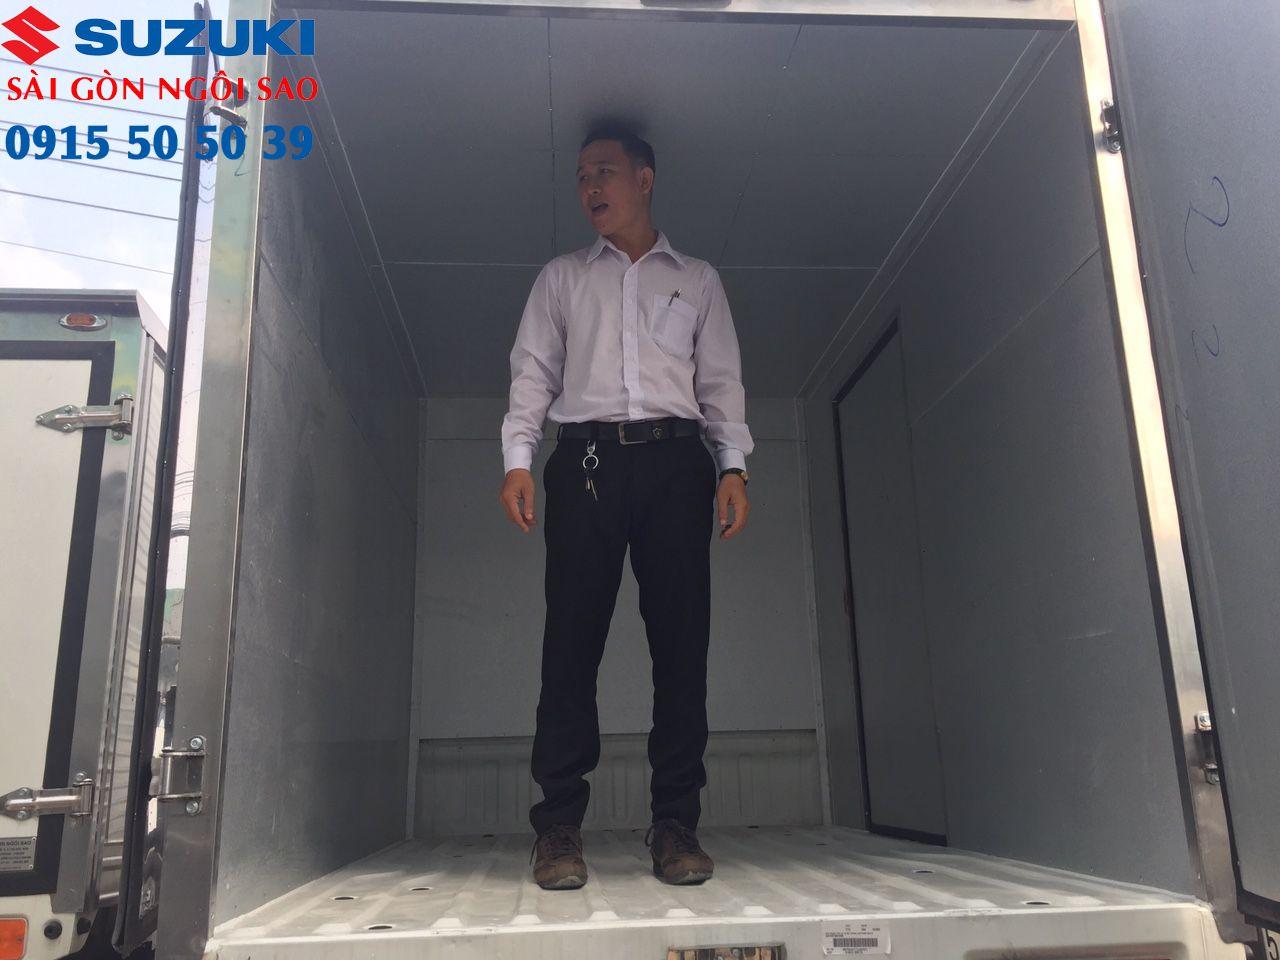 xe tải suzuki 750kg thùng kín cửa hông (21)_result